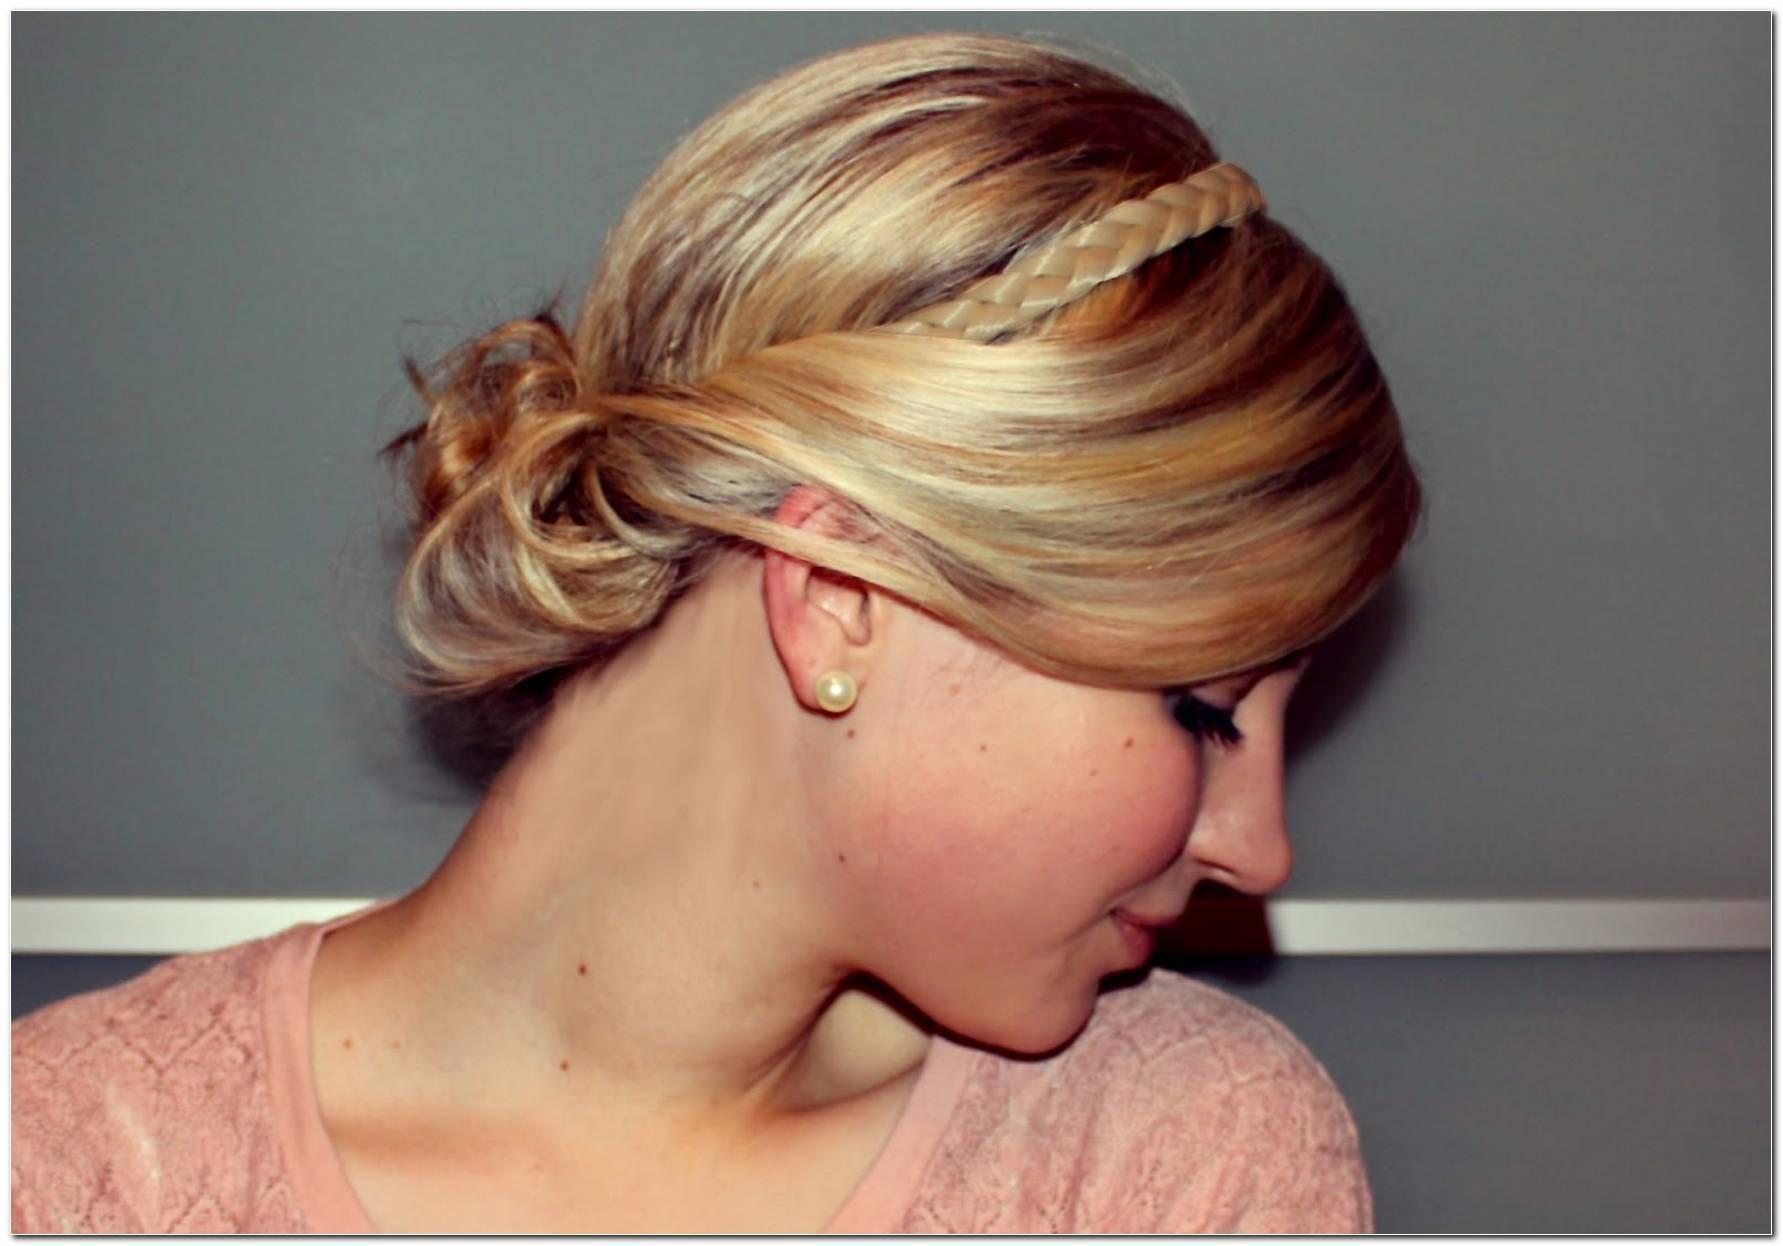 Frisuren Mit Geflochtenem Haarband